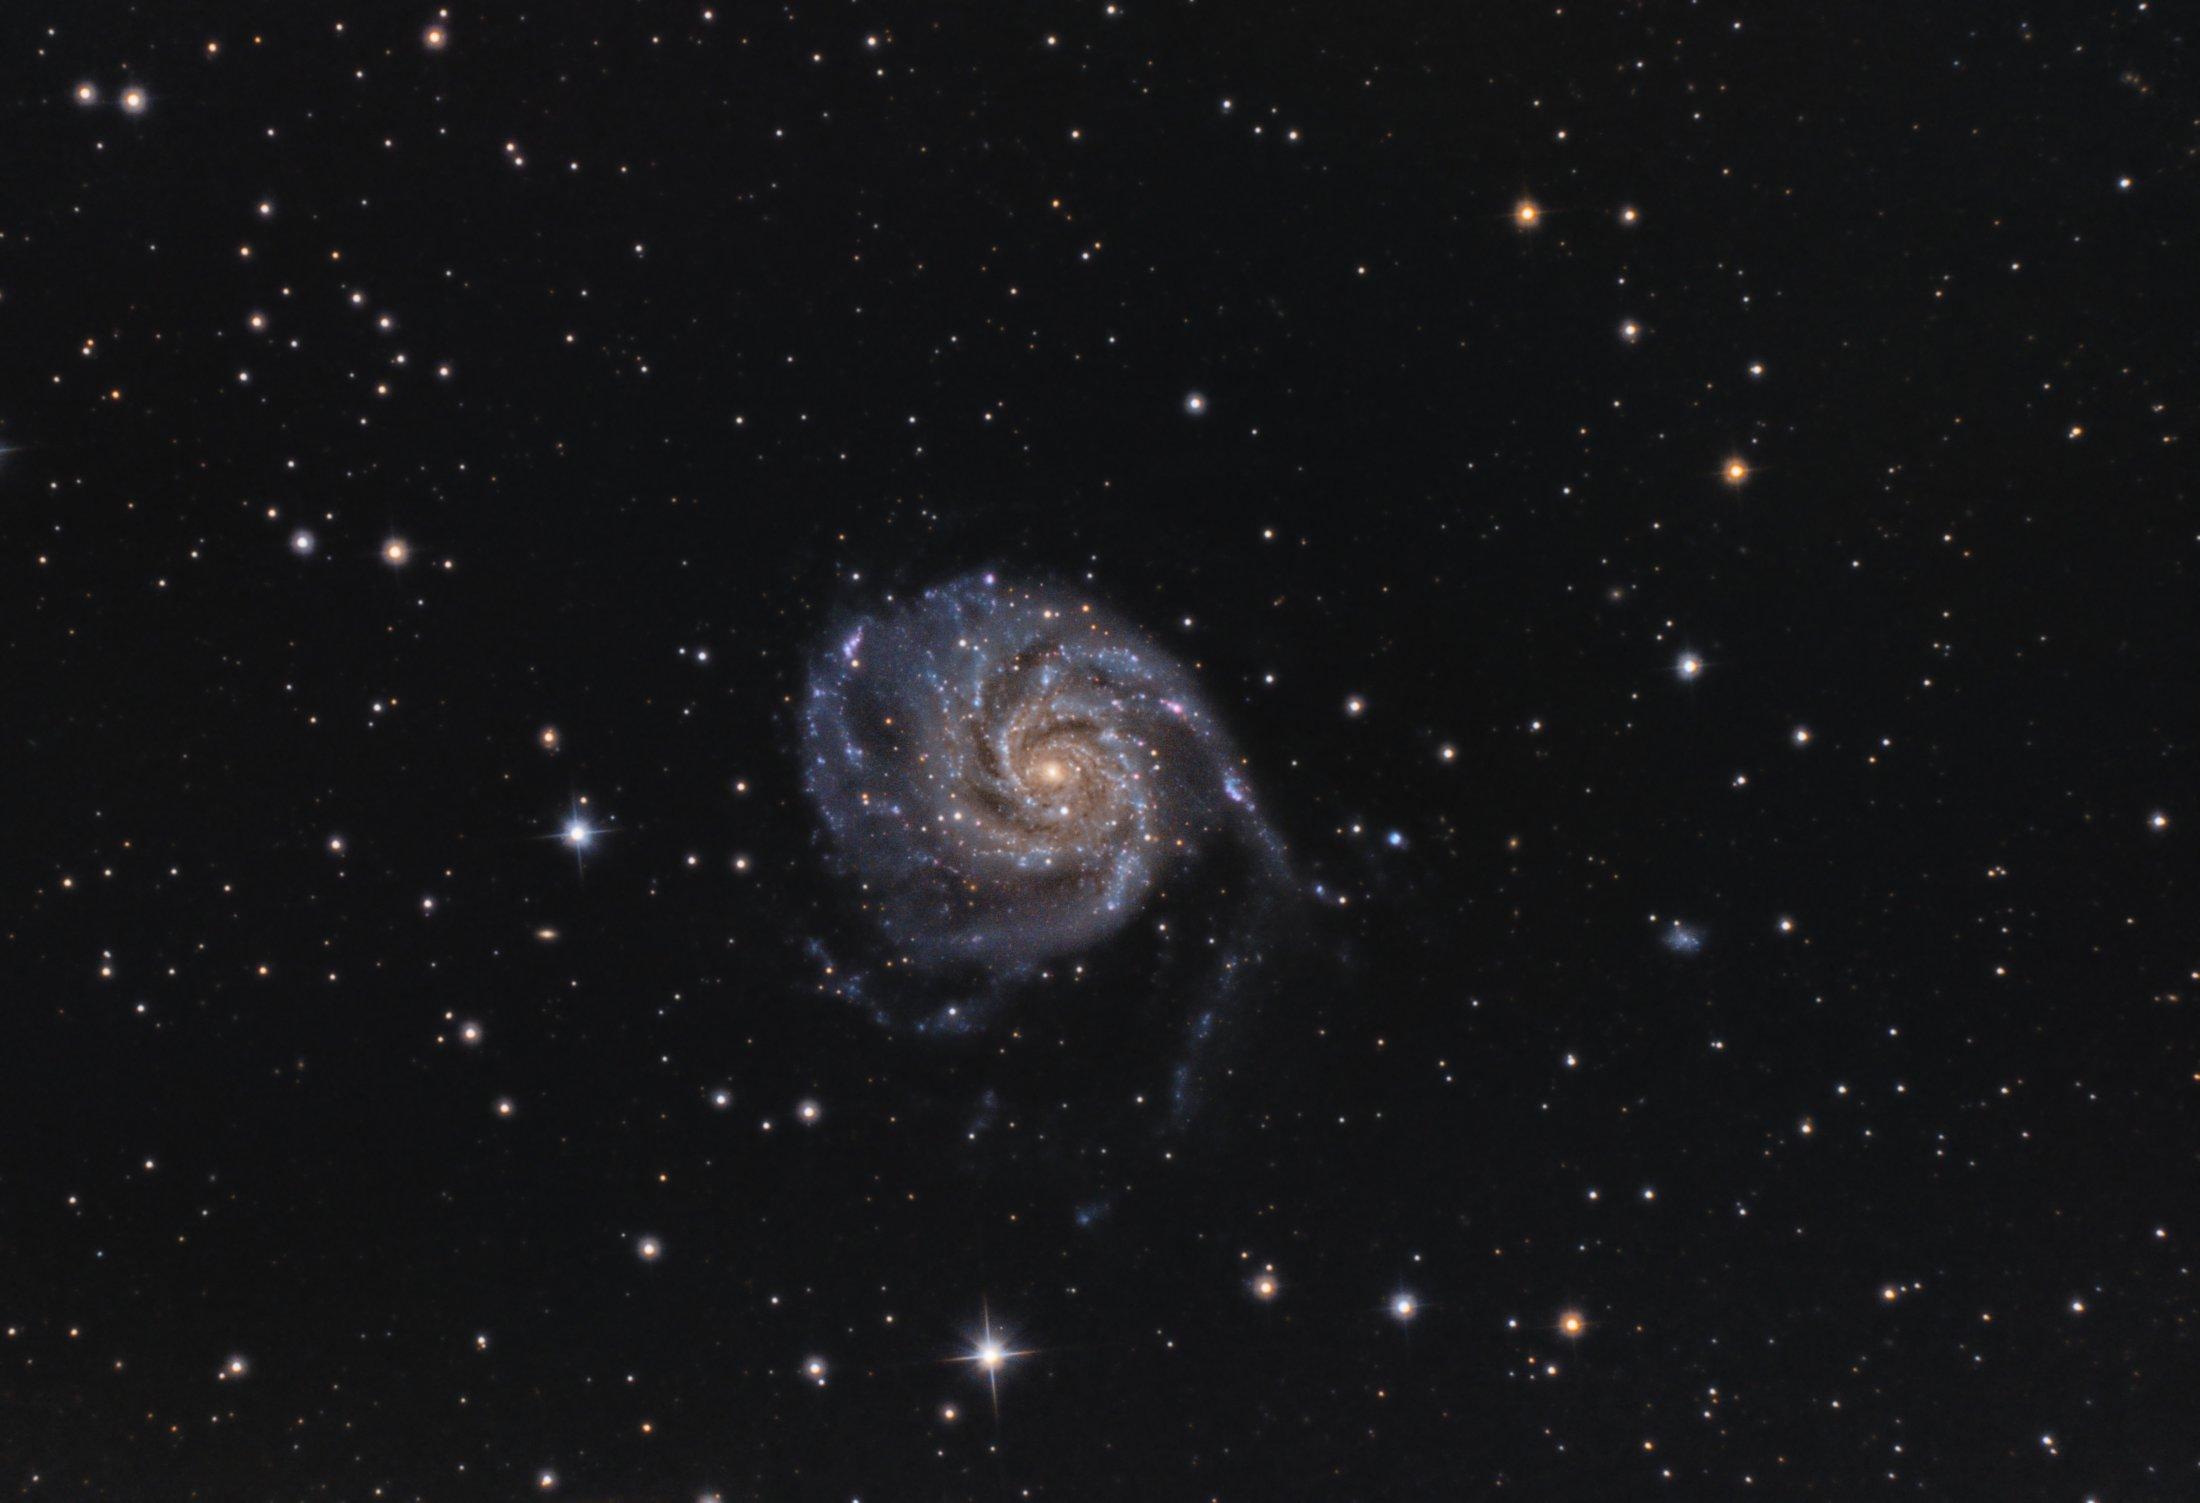 M101 - Aaron de la Casa